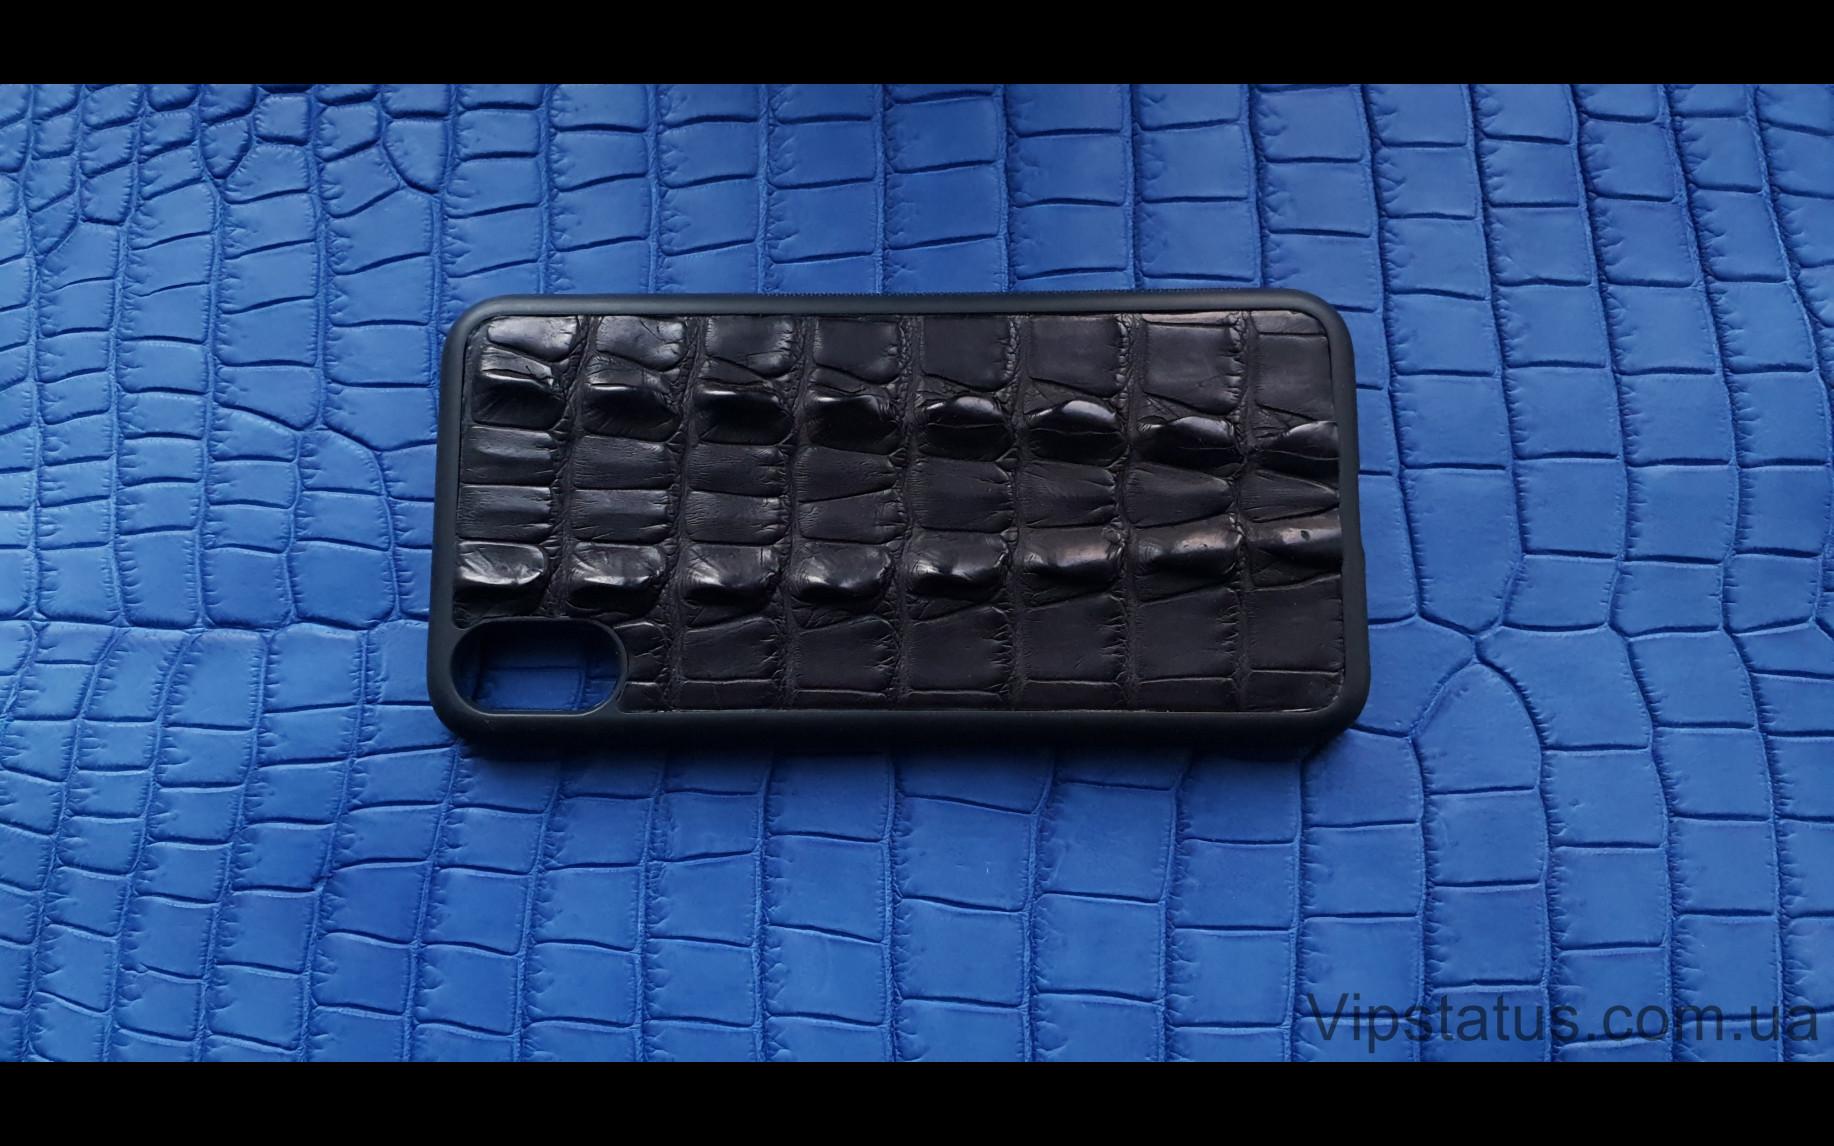 Элитный Wild Crocodile Брутальный чехол IPhone X XS кожа крокодила Wild Crocodile Брутальный чехол IPhone X XS кожа крокодила изображение 4